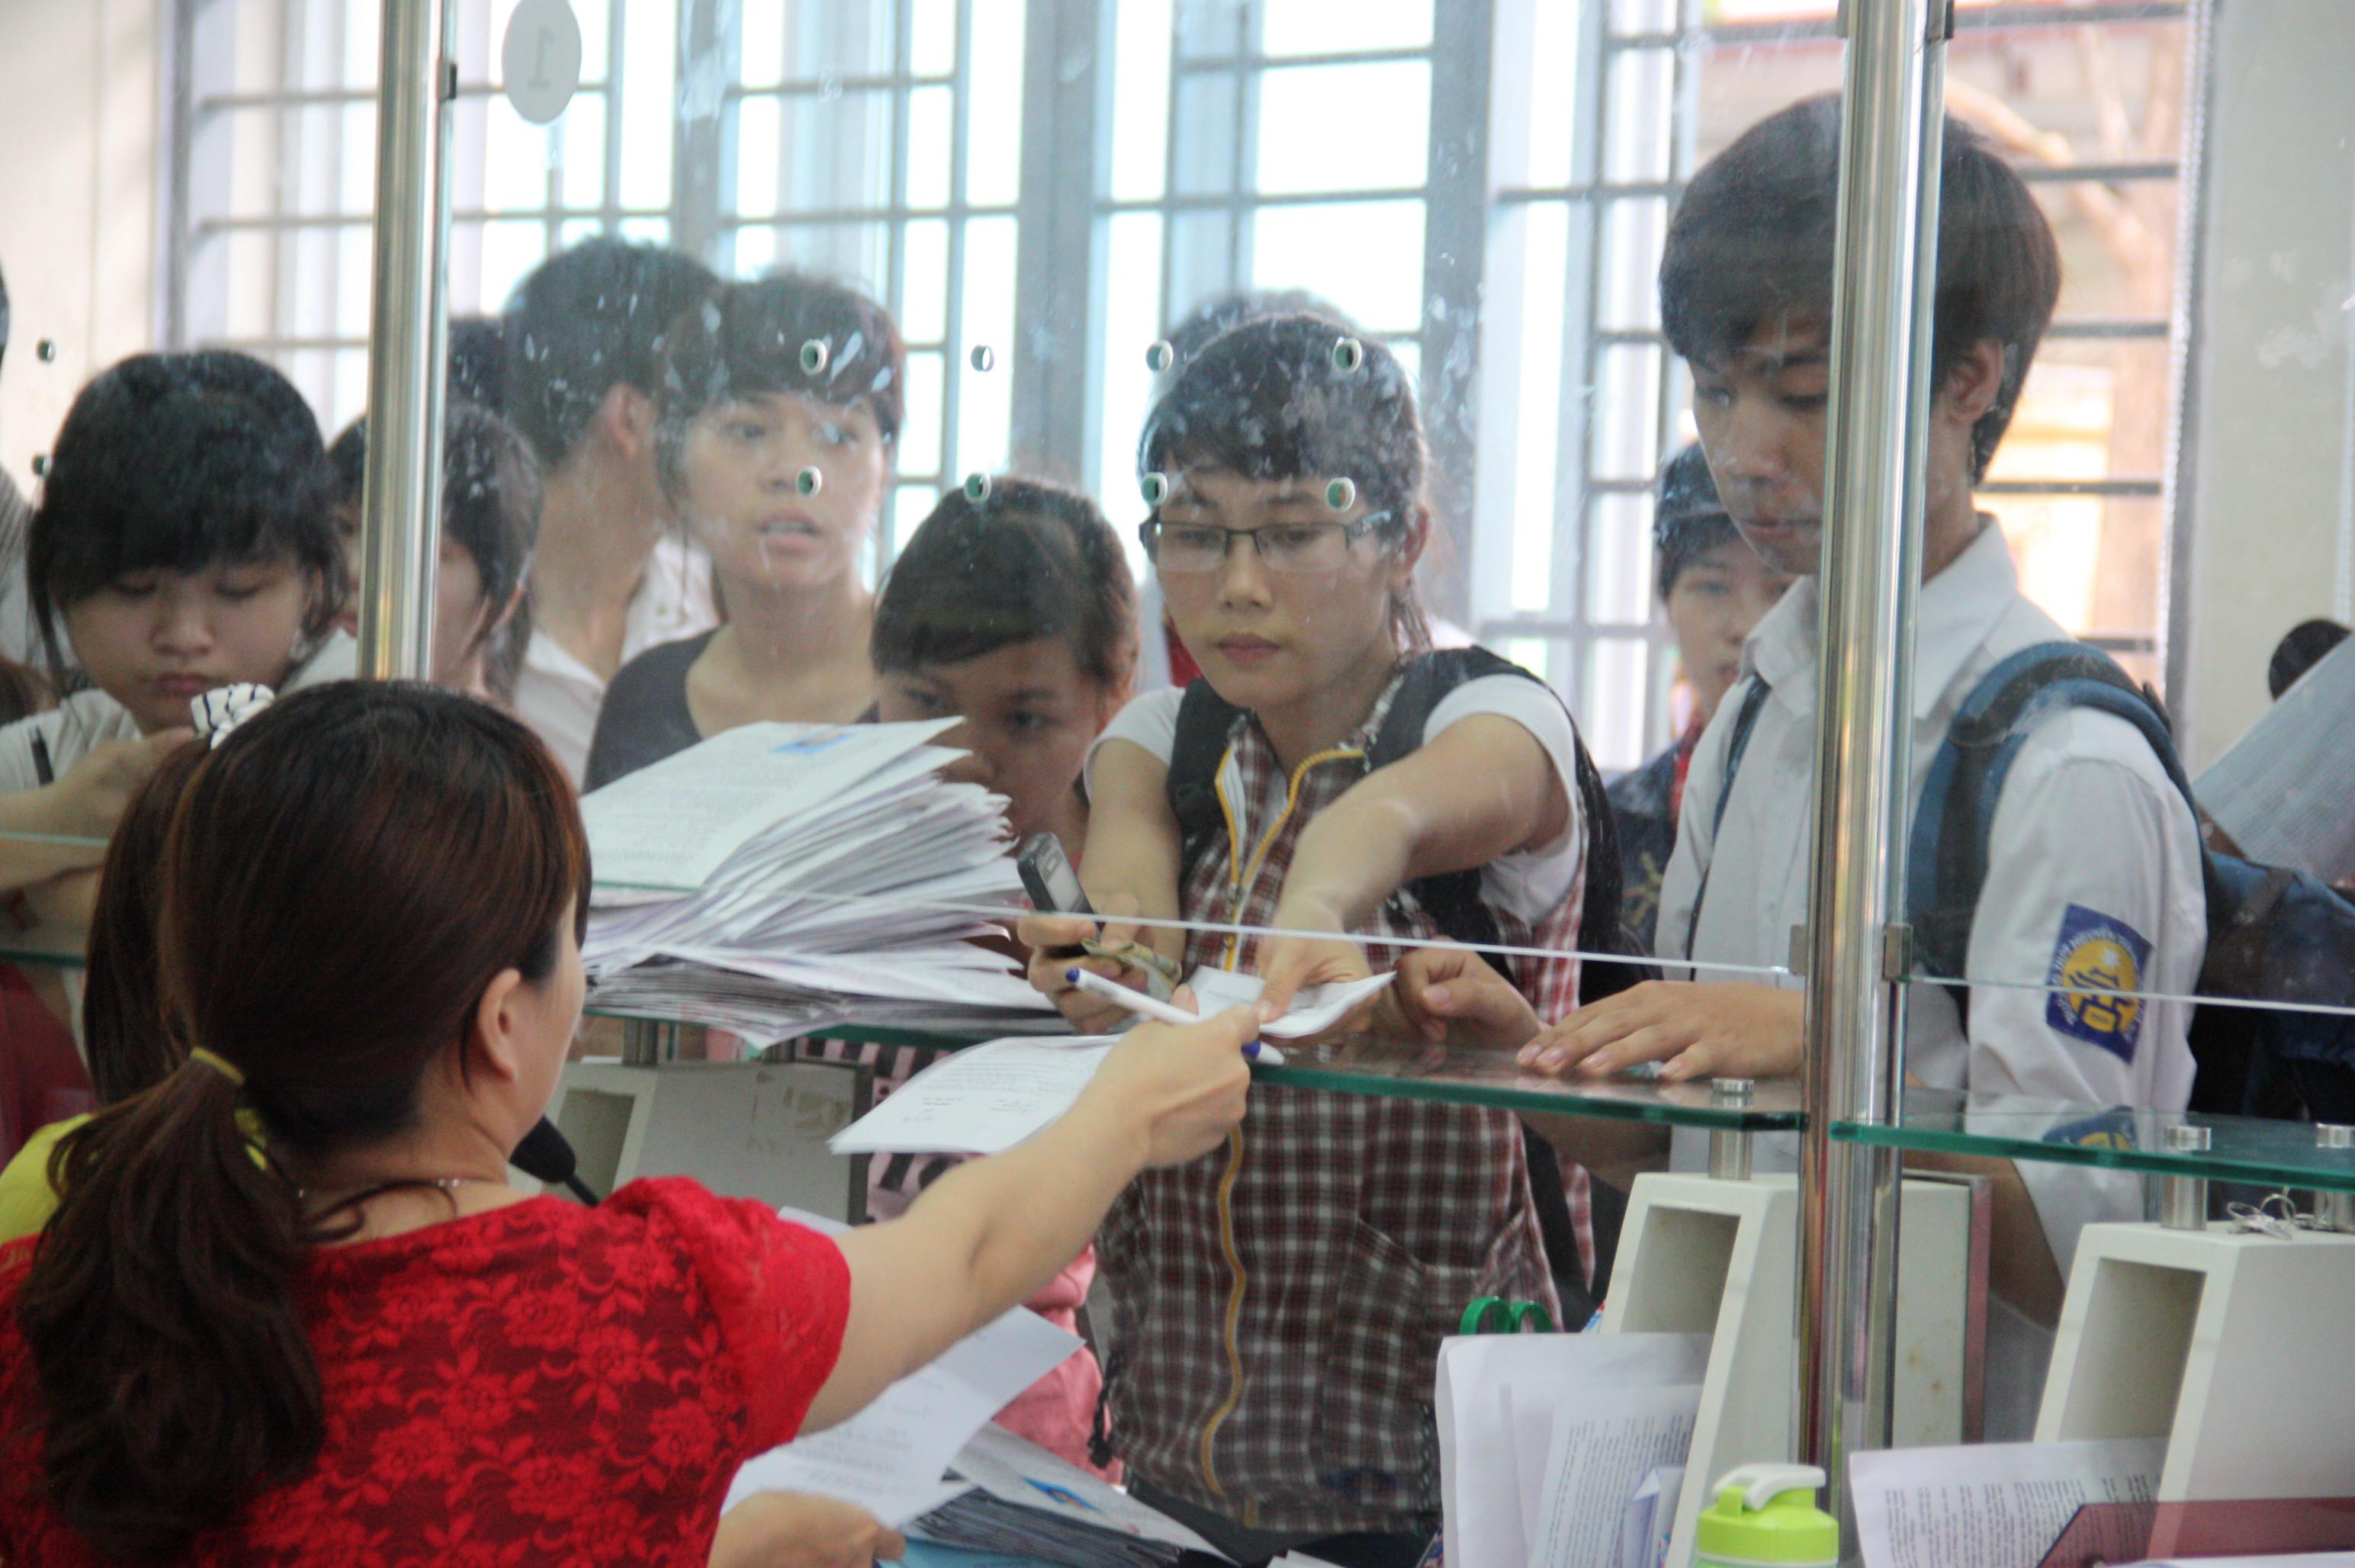 Thí sinh nộp hồ sơ tại Trường ĐH Công nghiệp Hà Nội